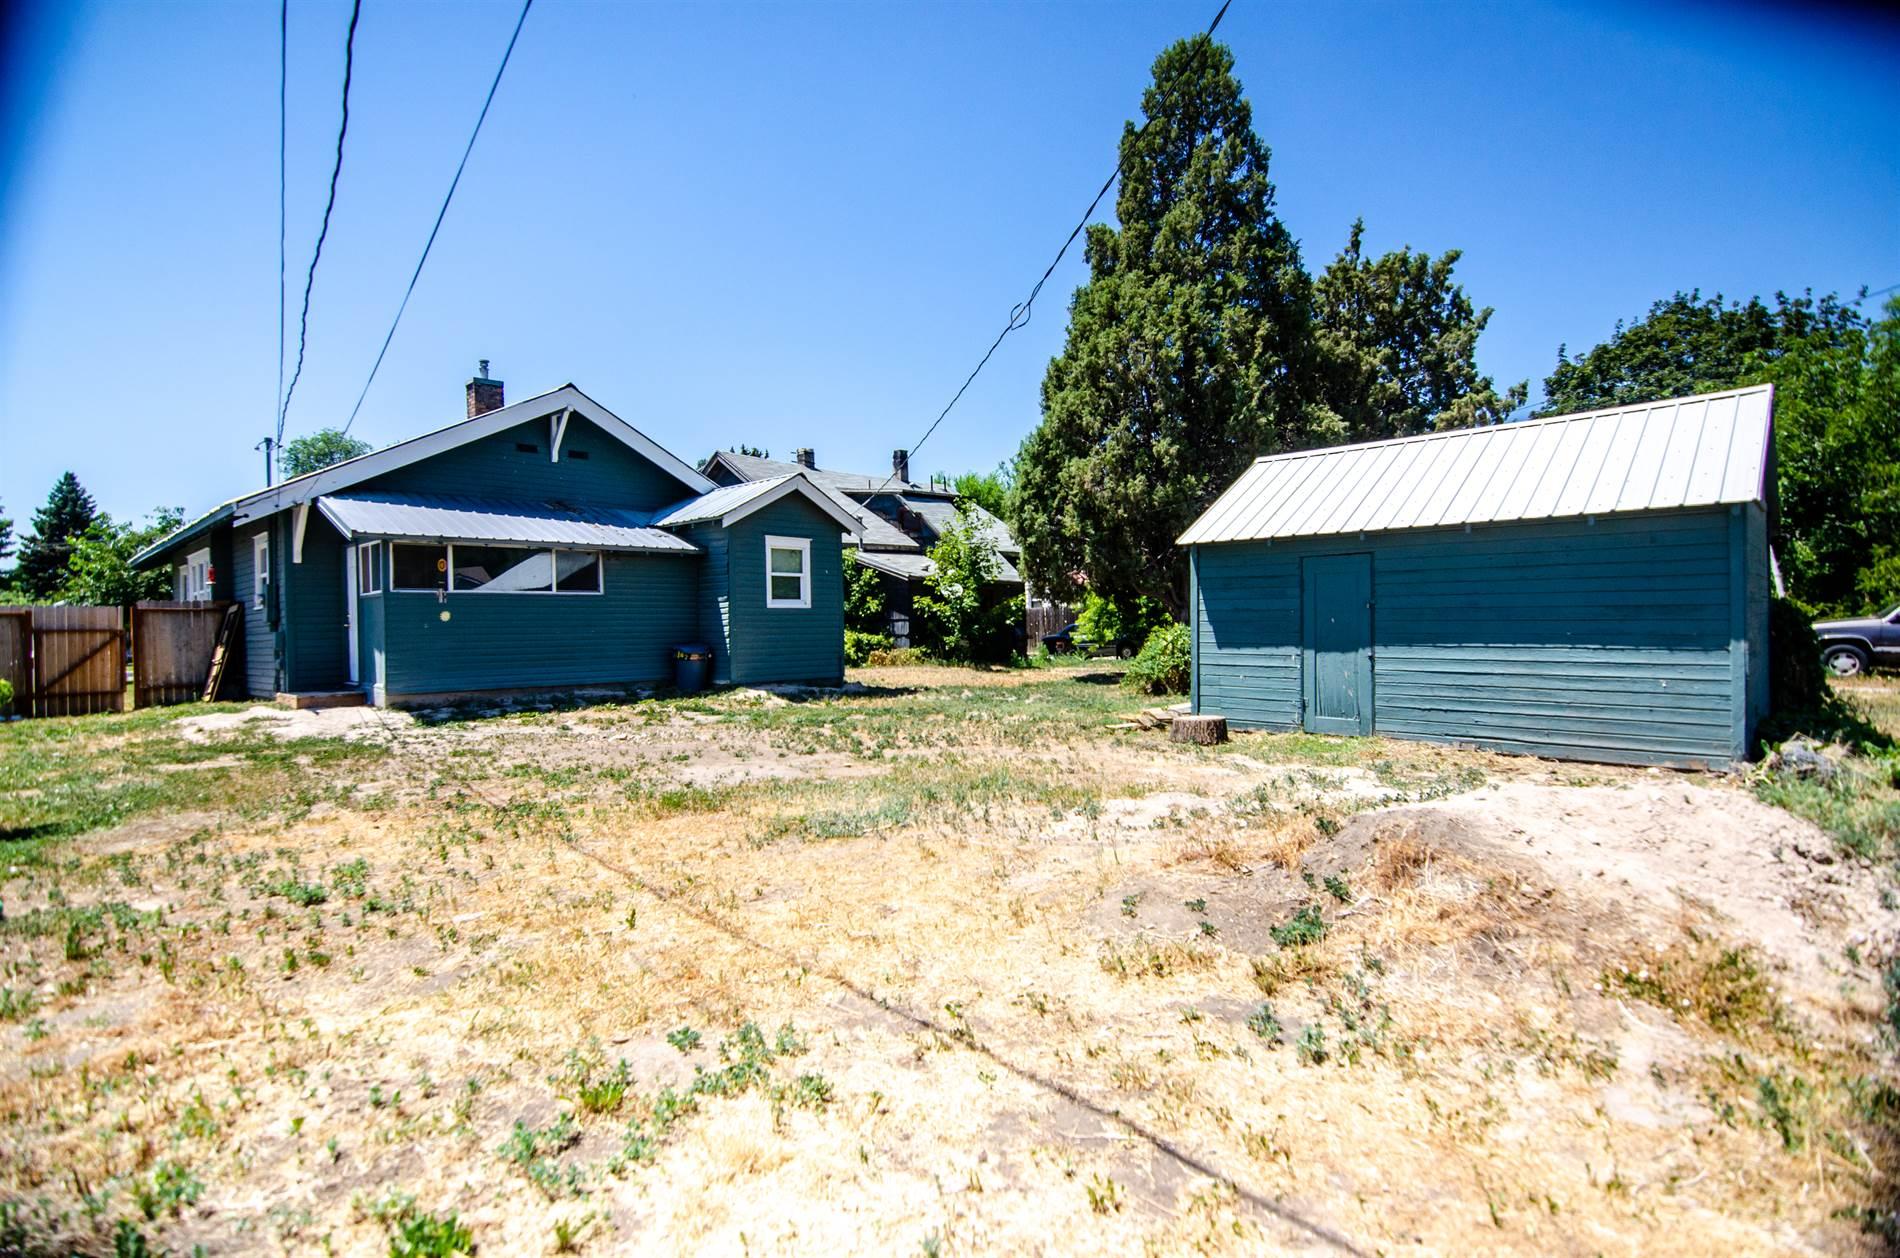 526 L Street, Idaho Falls, ID 83402